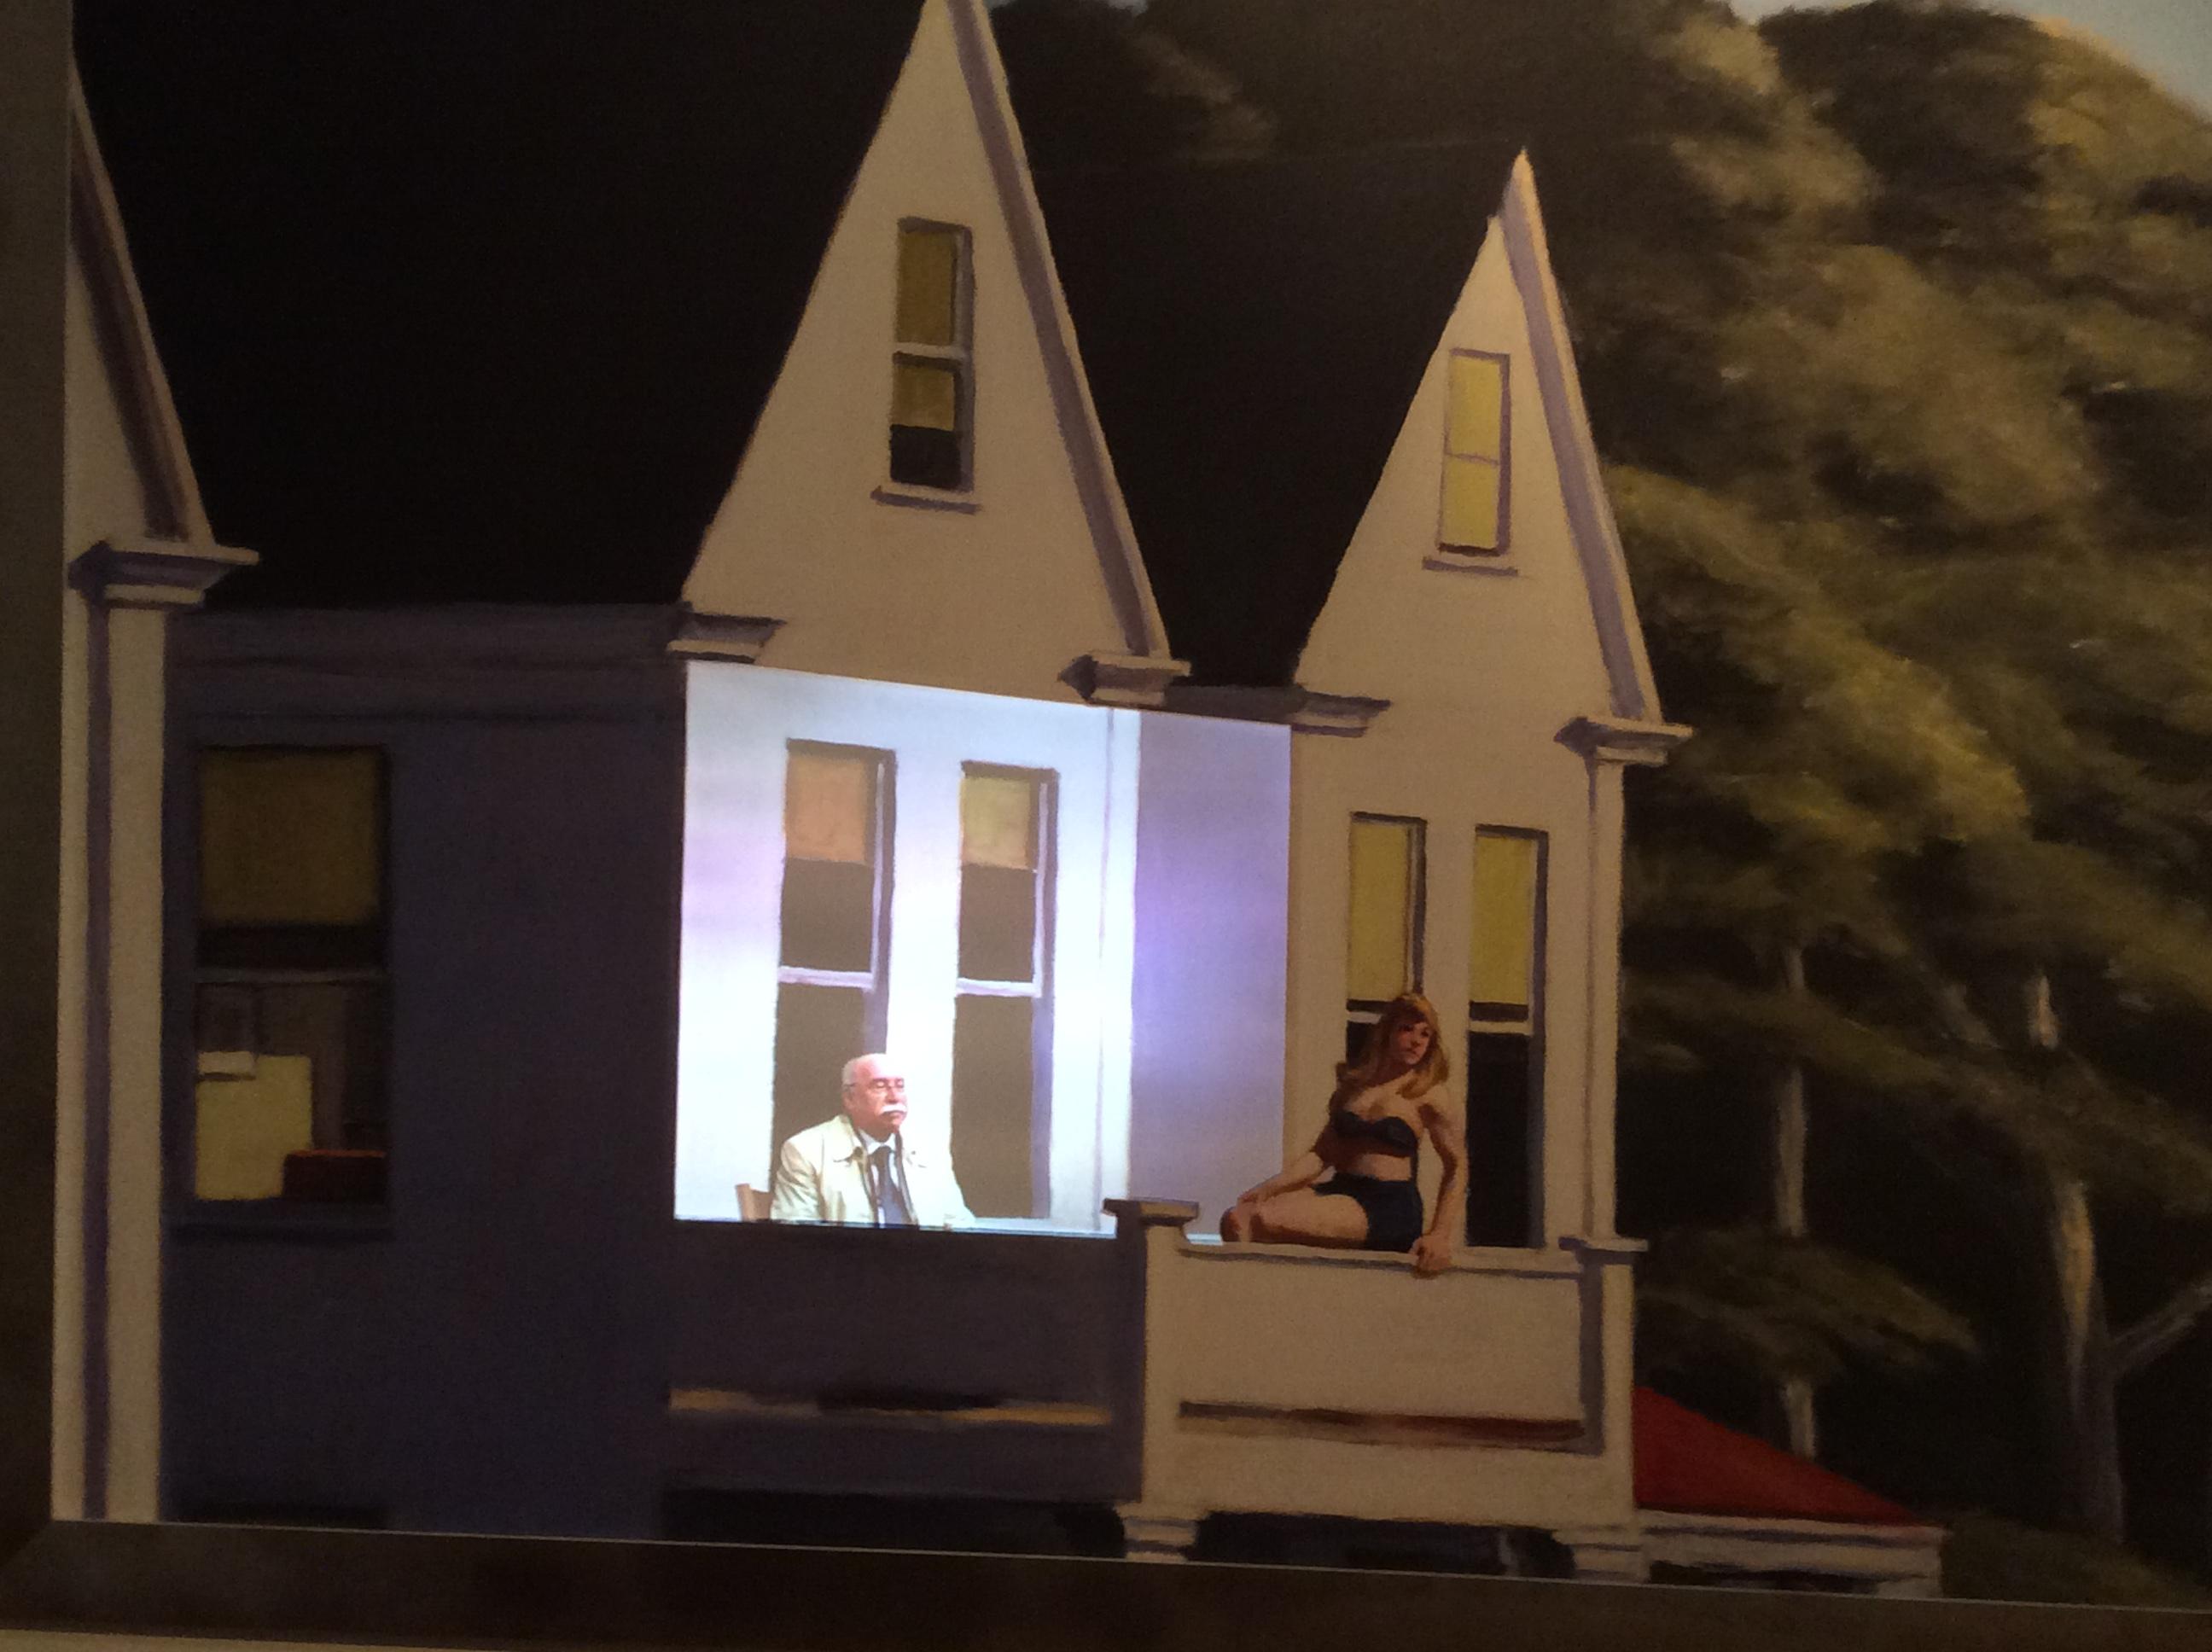 Prof. Franchino Falsetti all'interno di un quadro di Hopper. ( Cortesia organizzazione mostra di Edward Hopper.a Bologna )